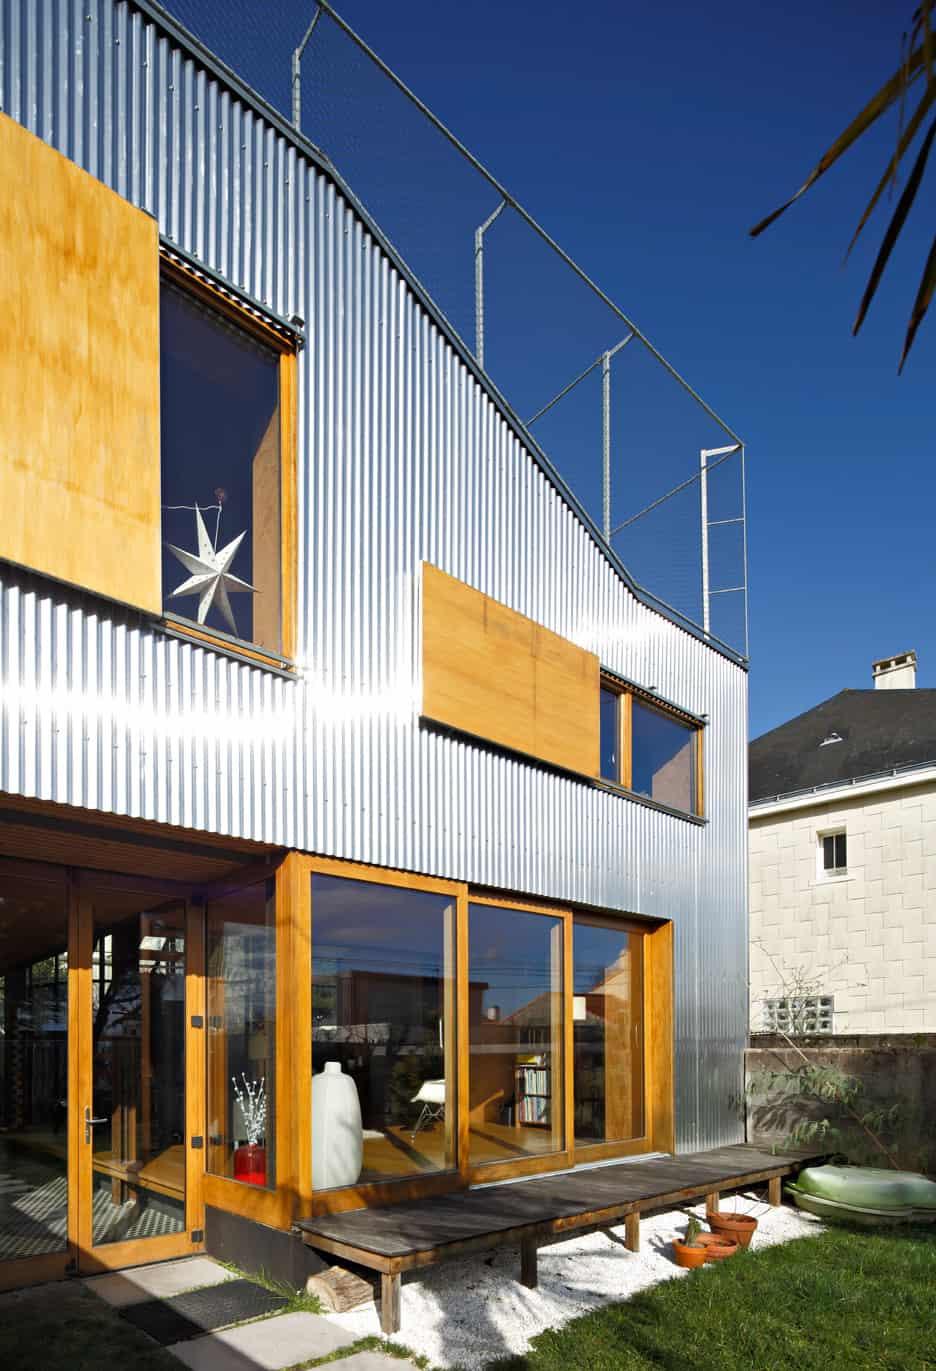 19 corrugated aluminium facade 1930s home extension